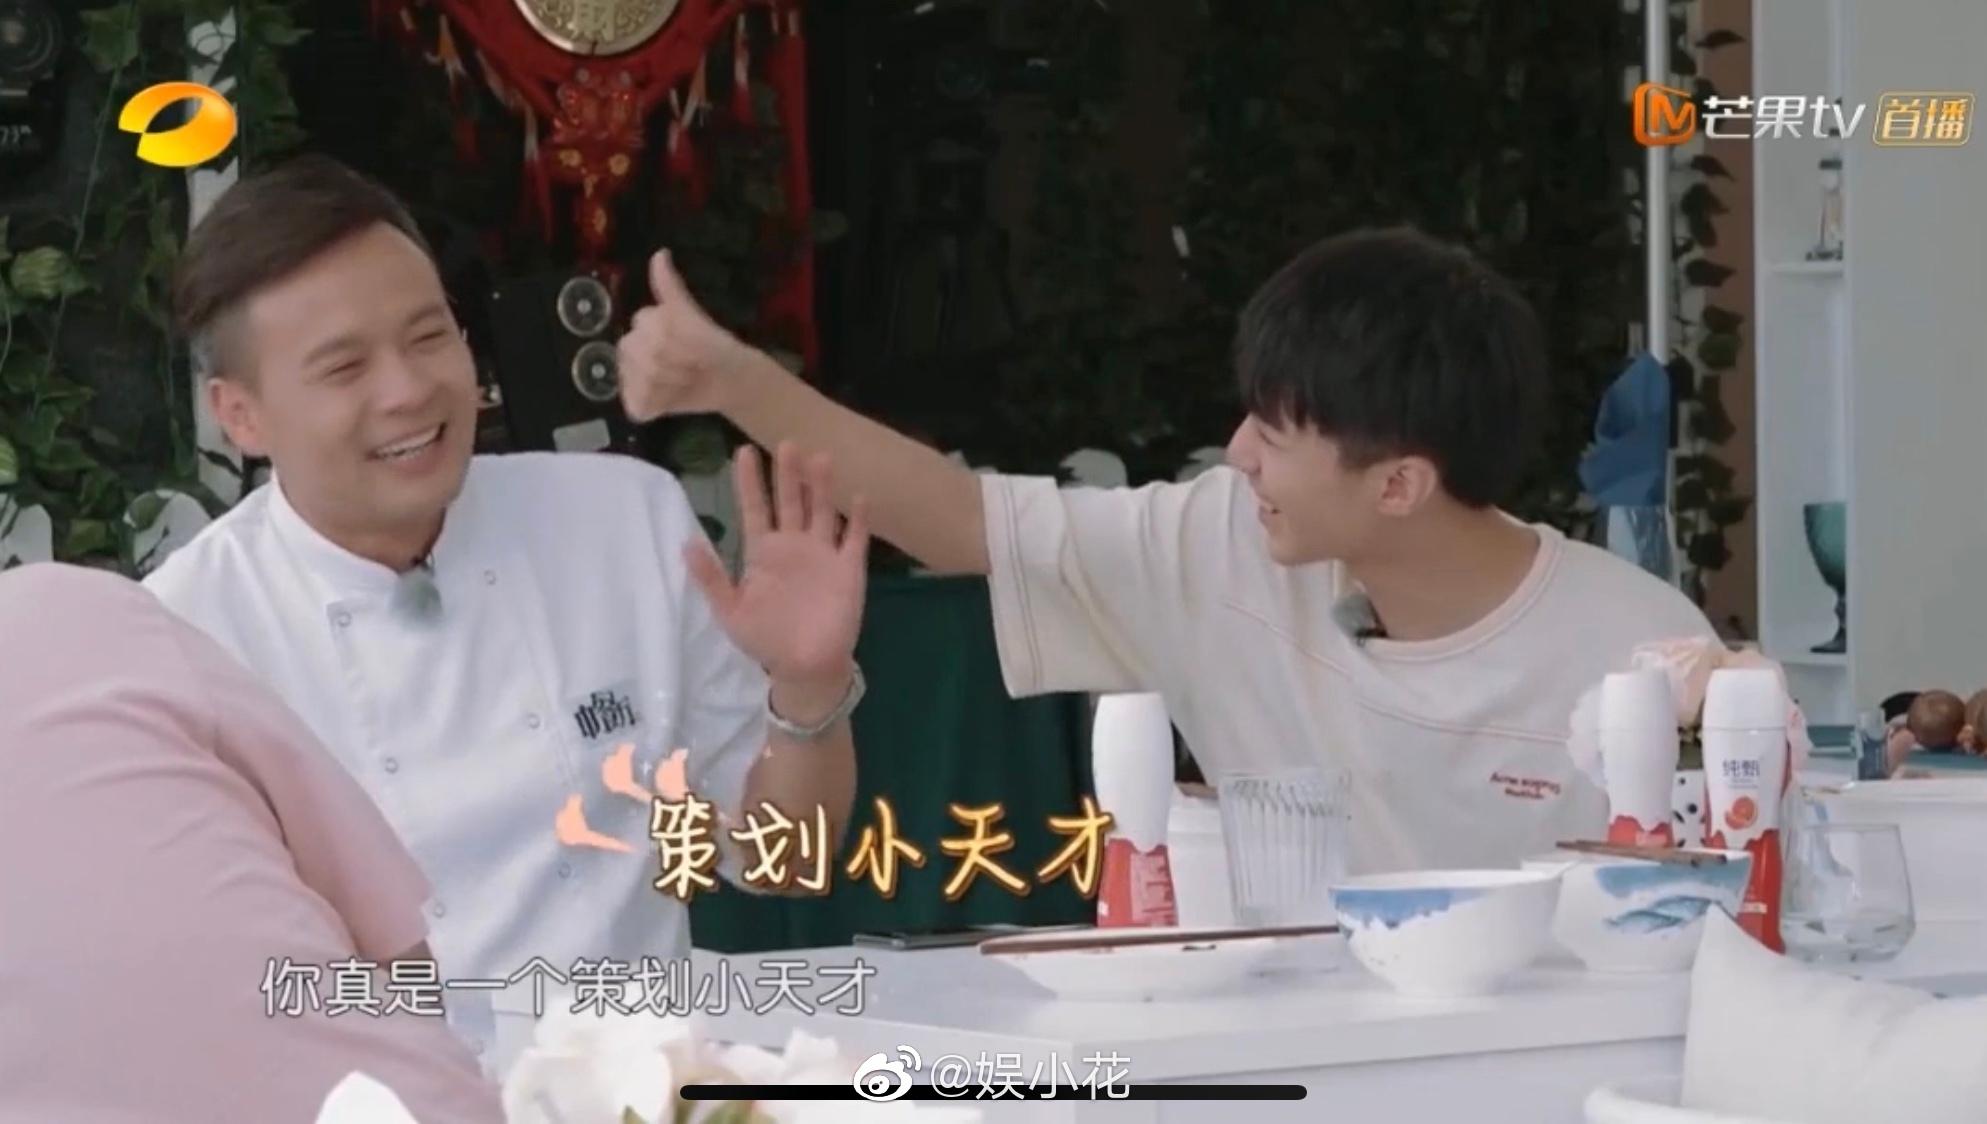 哈哈哈夸夸群元老级别人物@TFBOYS-王俊凯 上线!!!王经理